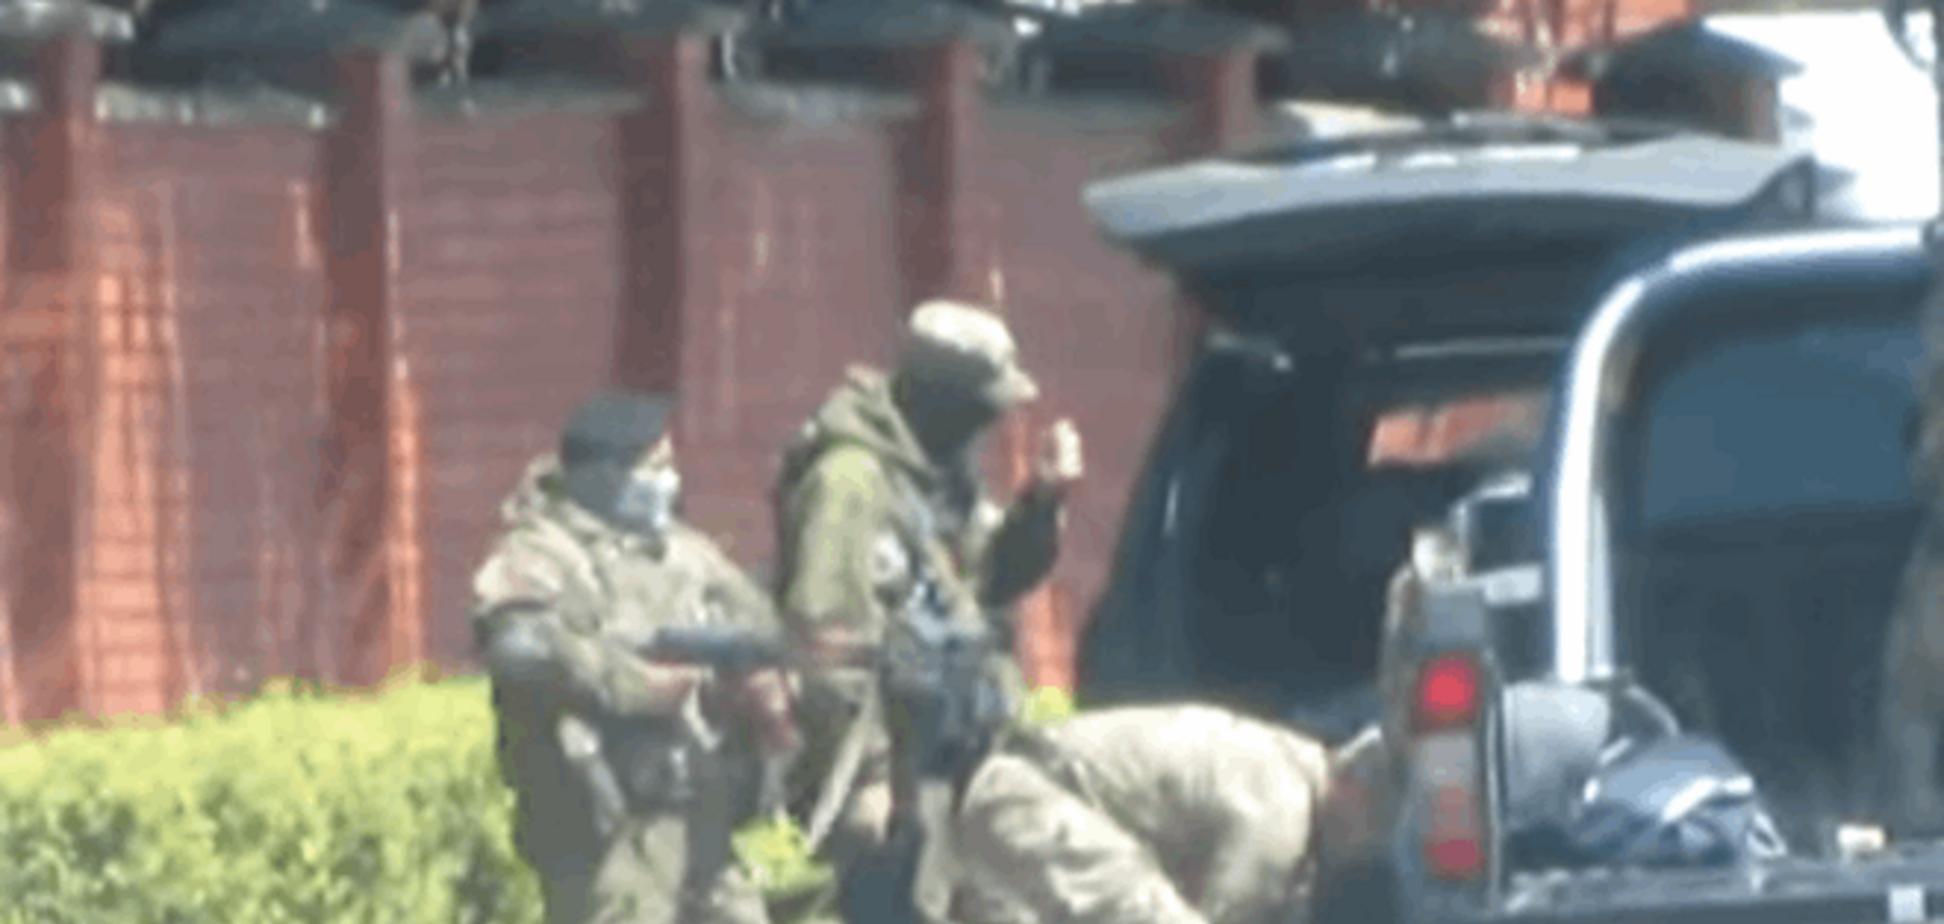 Бойцы 'ПС' первыми начали стрельбу, убив гражданское лицо - МВД